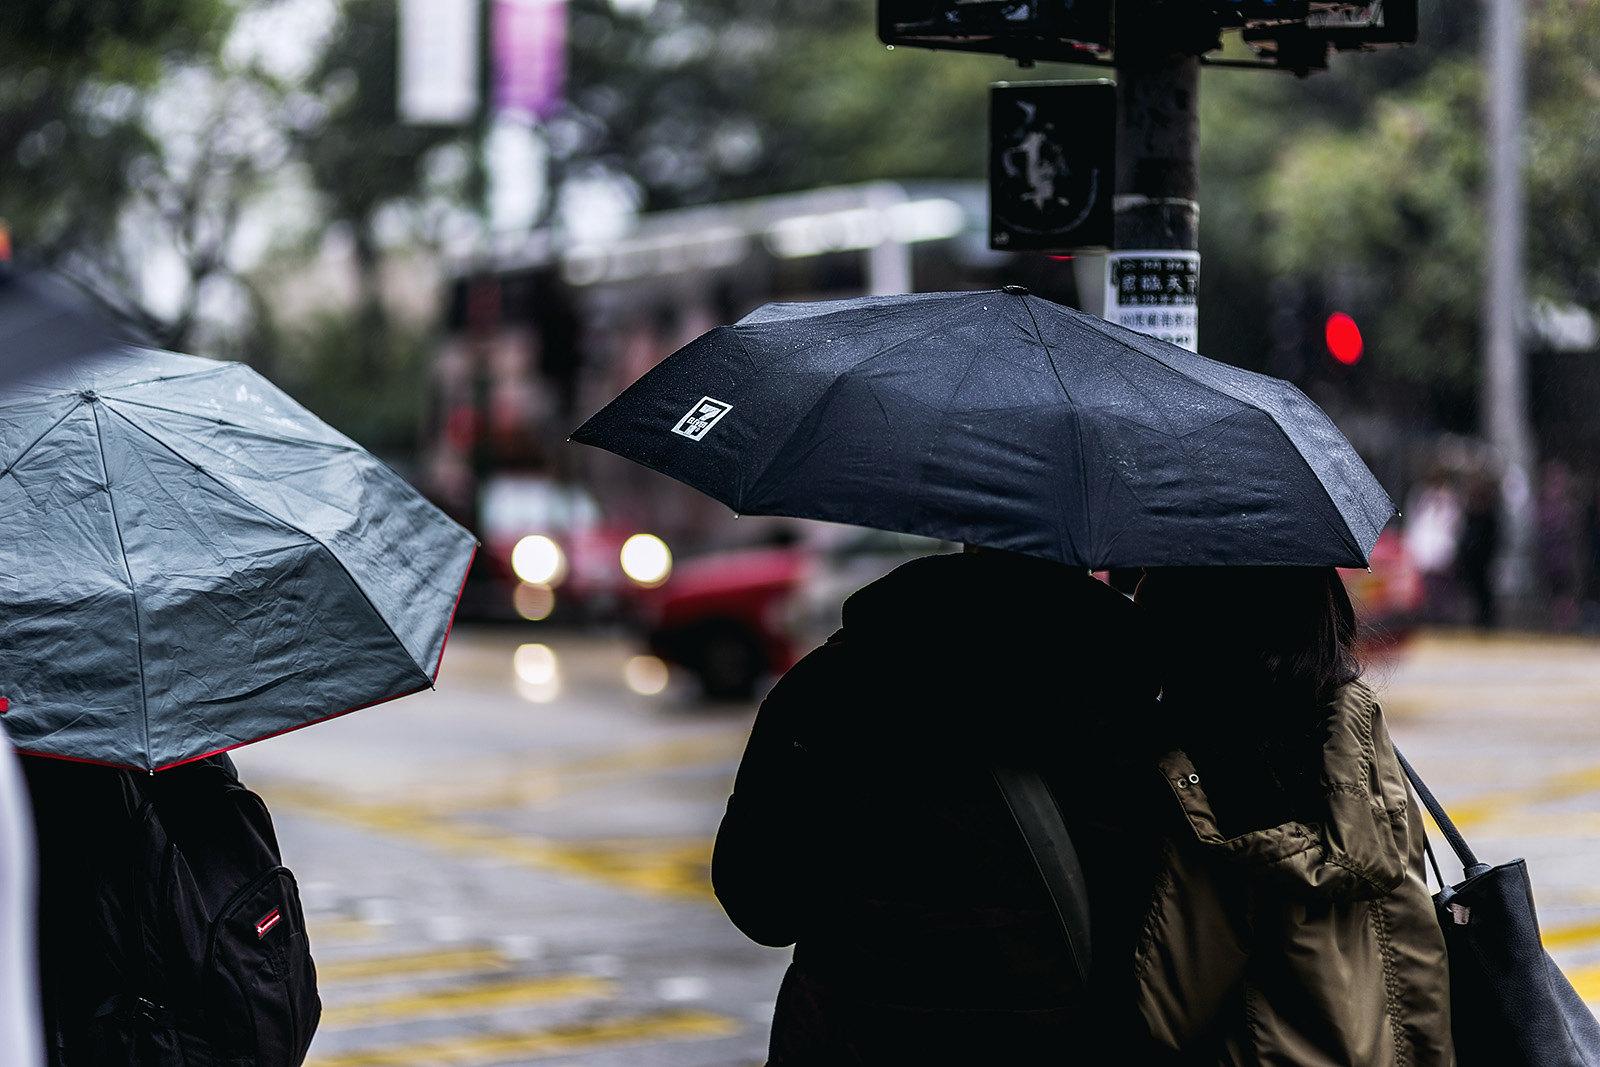 7Eleven Umbrella